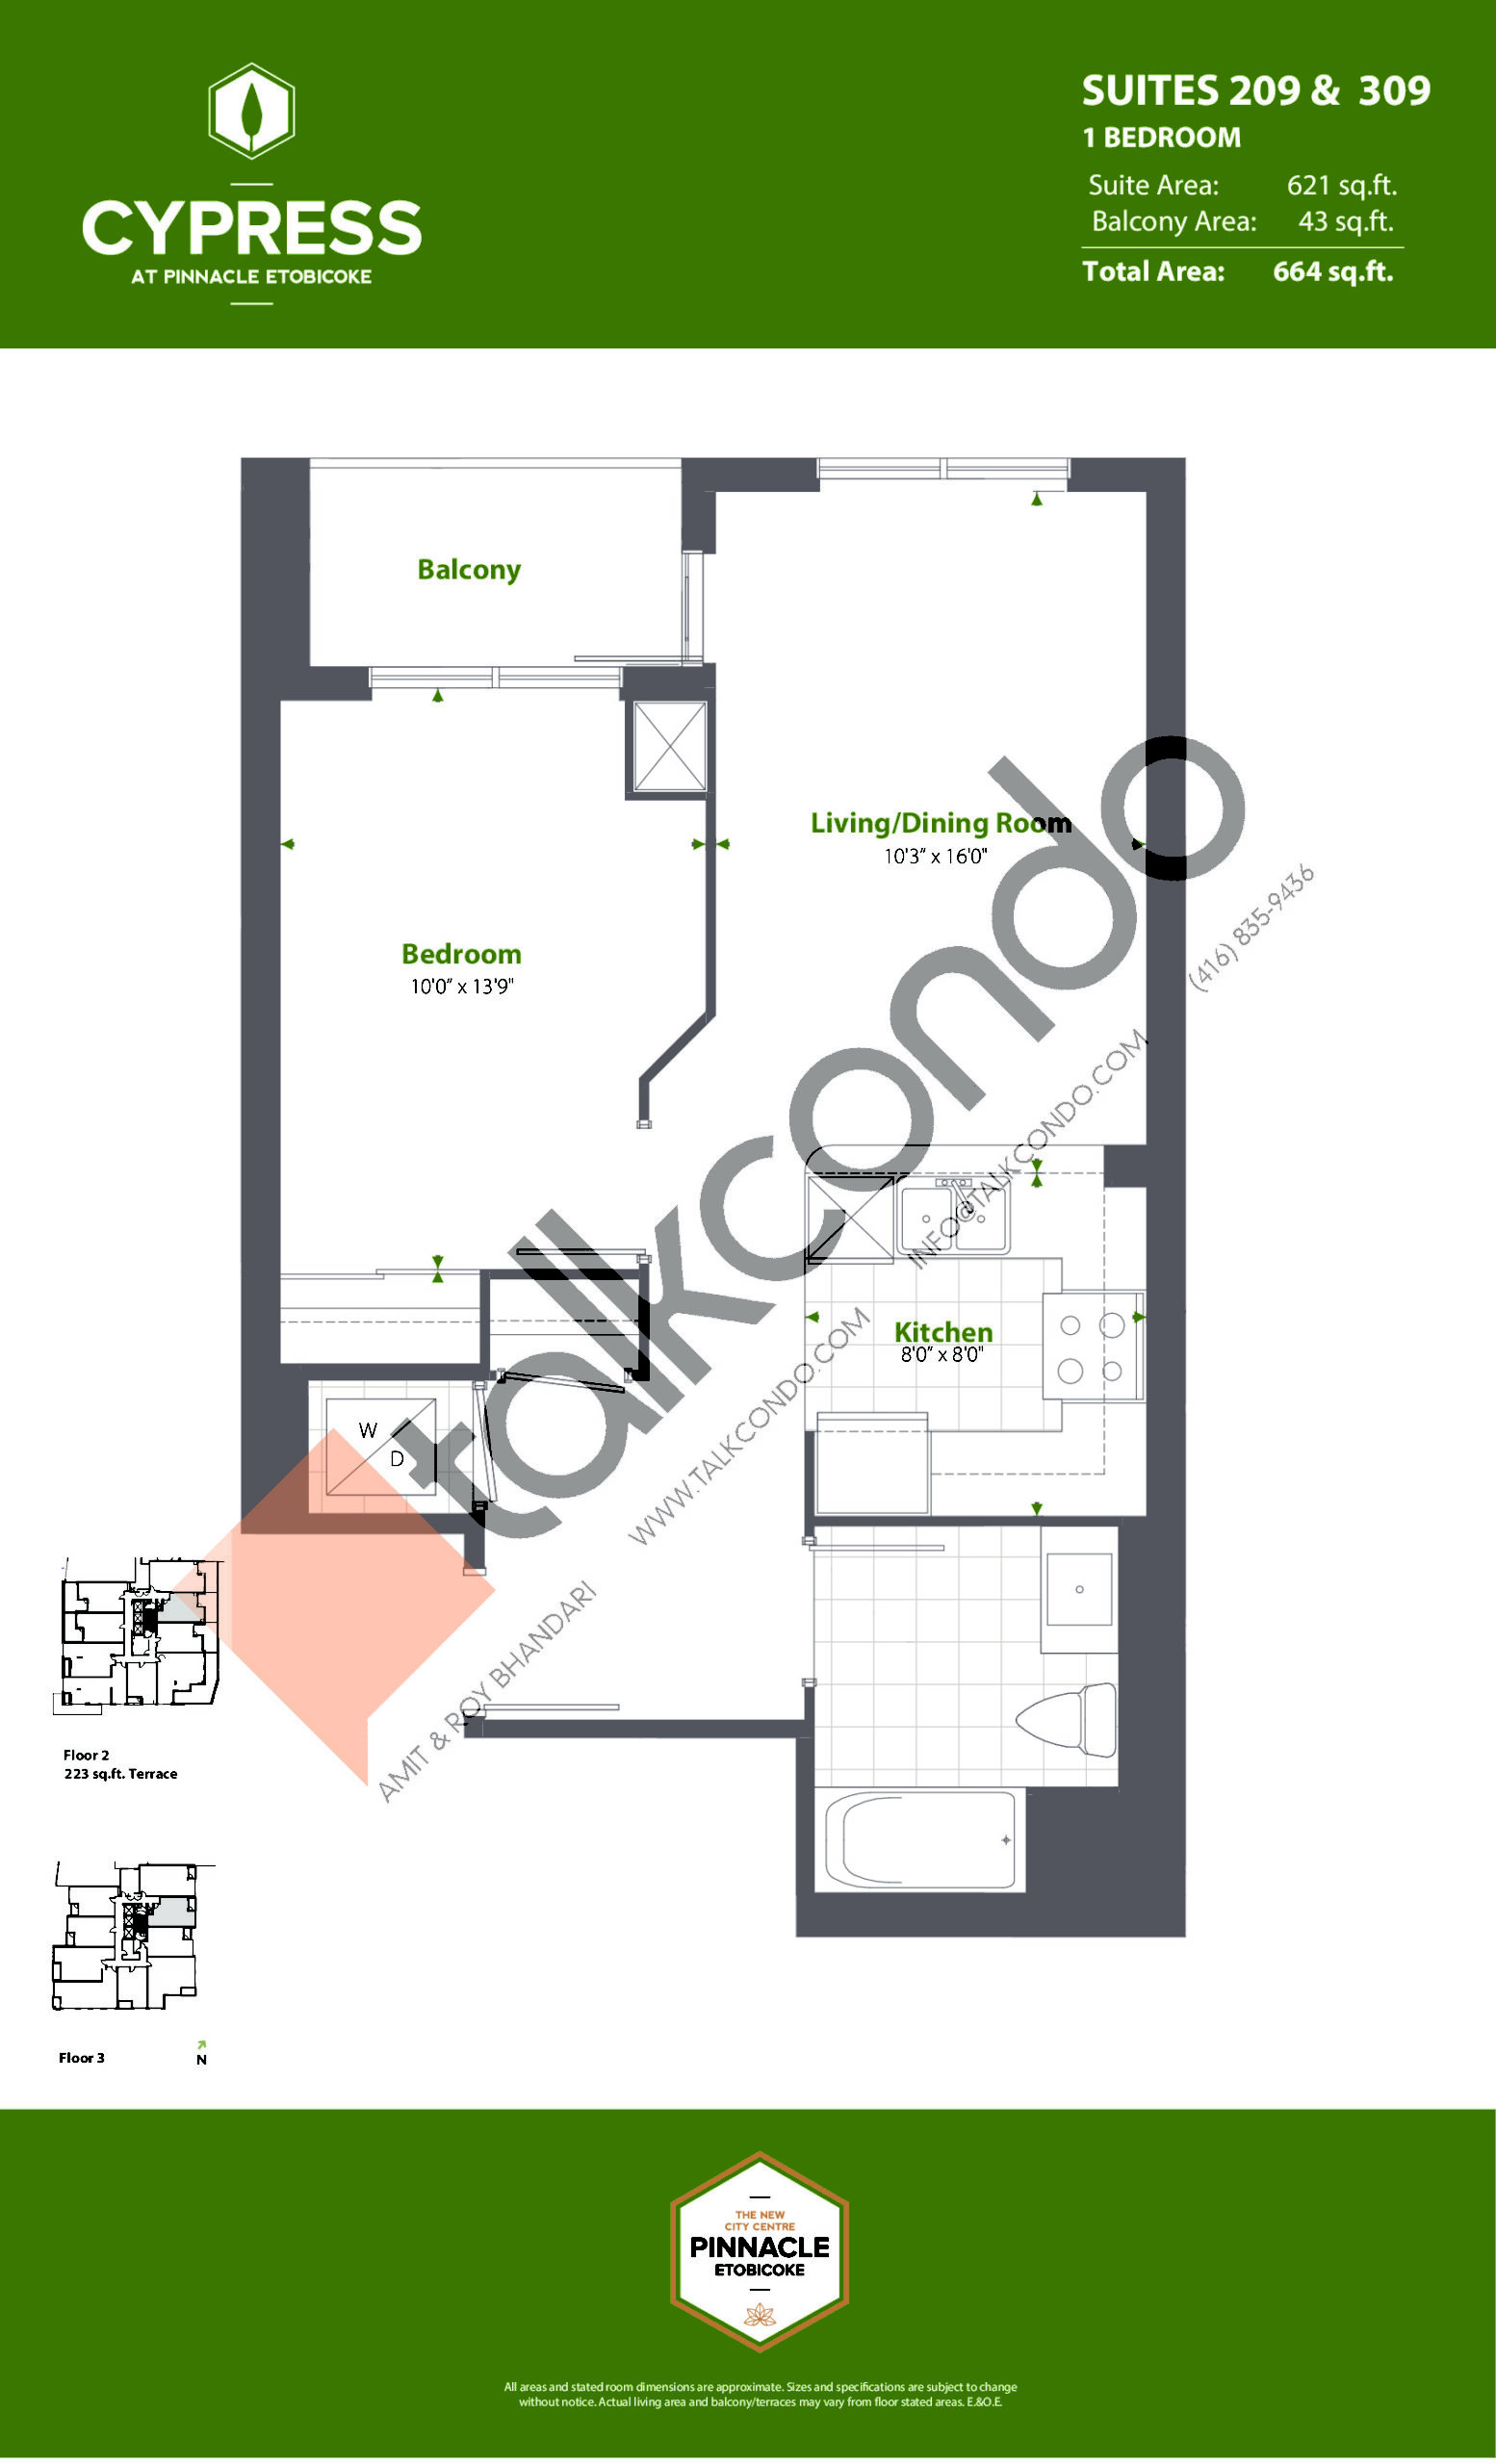 Suites 209 & 309 (Podium) Floor Plan at Cypress at Pinnacle Etobicoke - 621 sq.ft